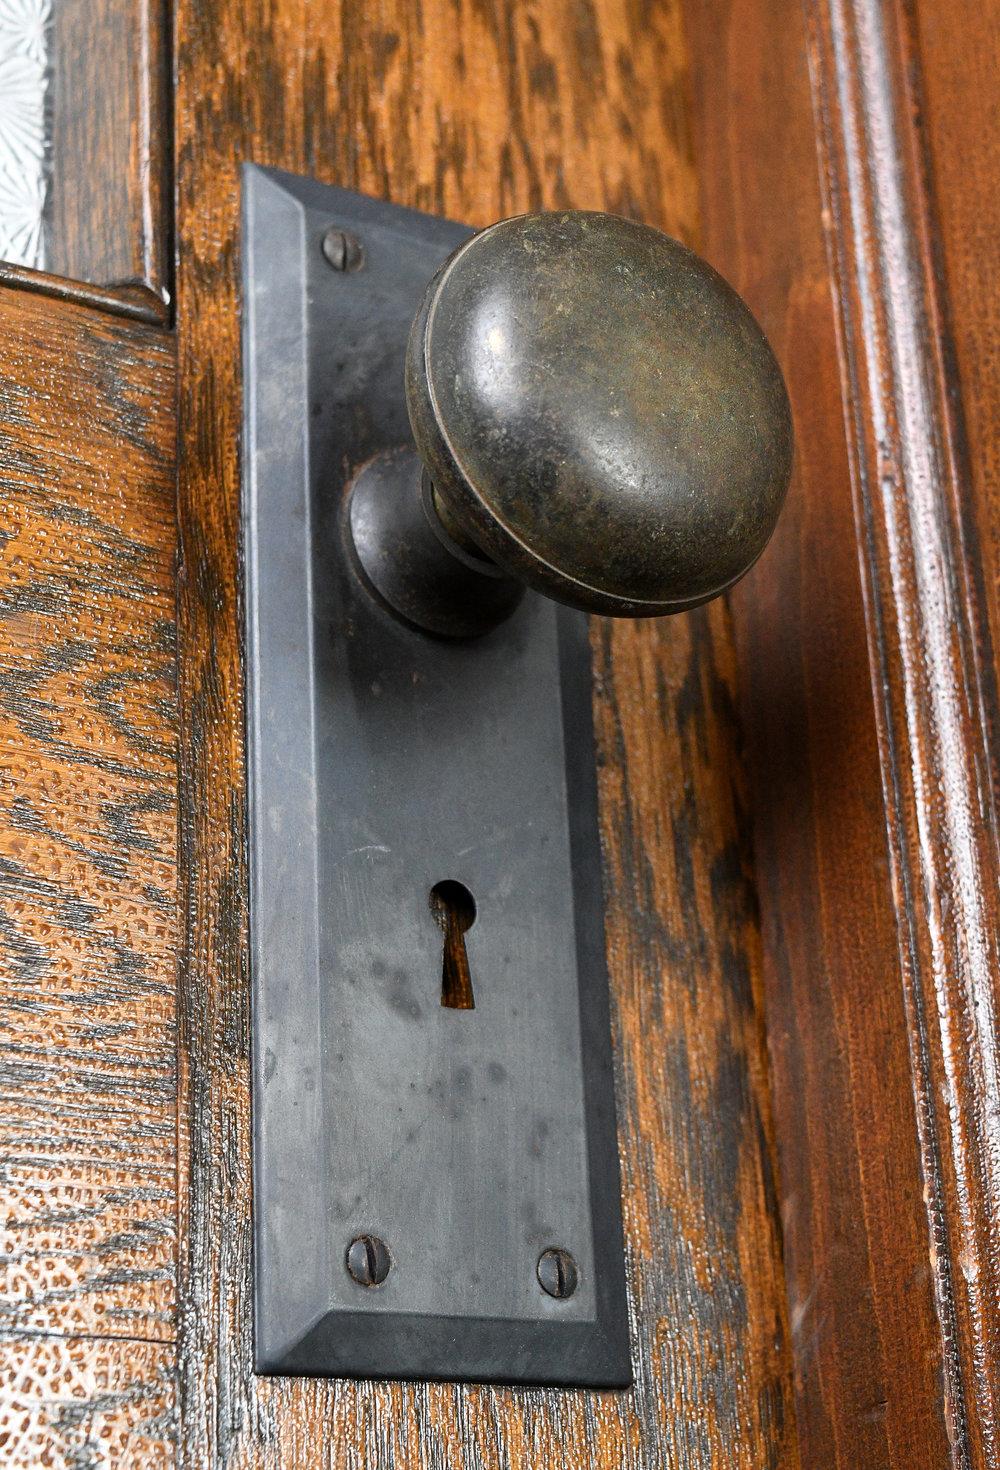 47639-oak-school-door-with-vents-hardware.jpg